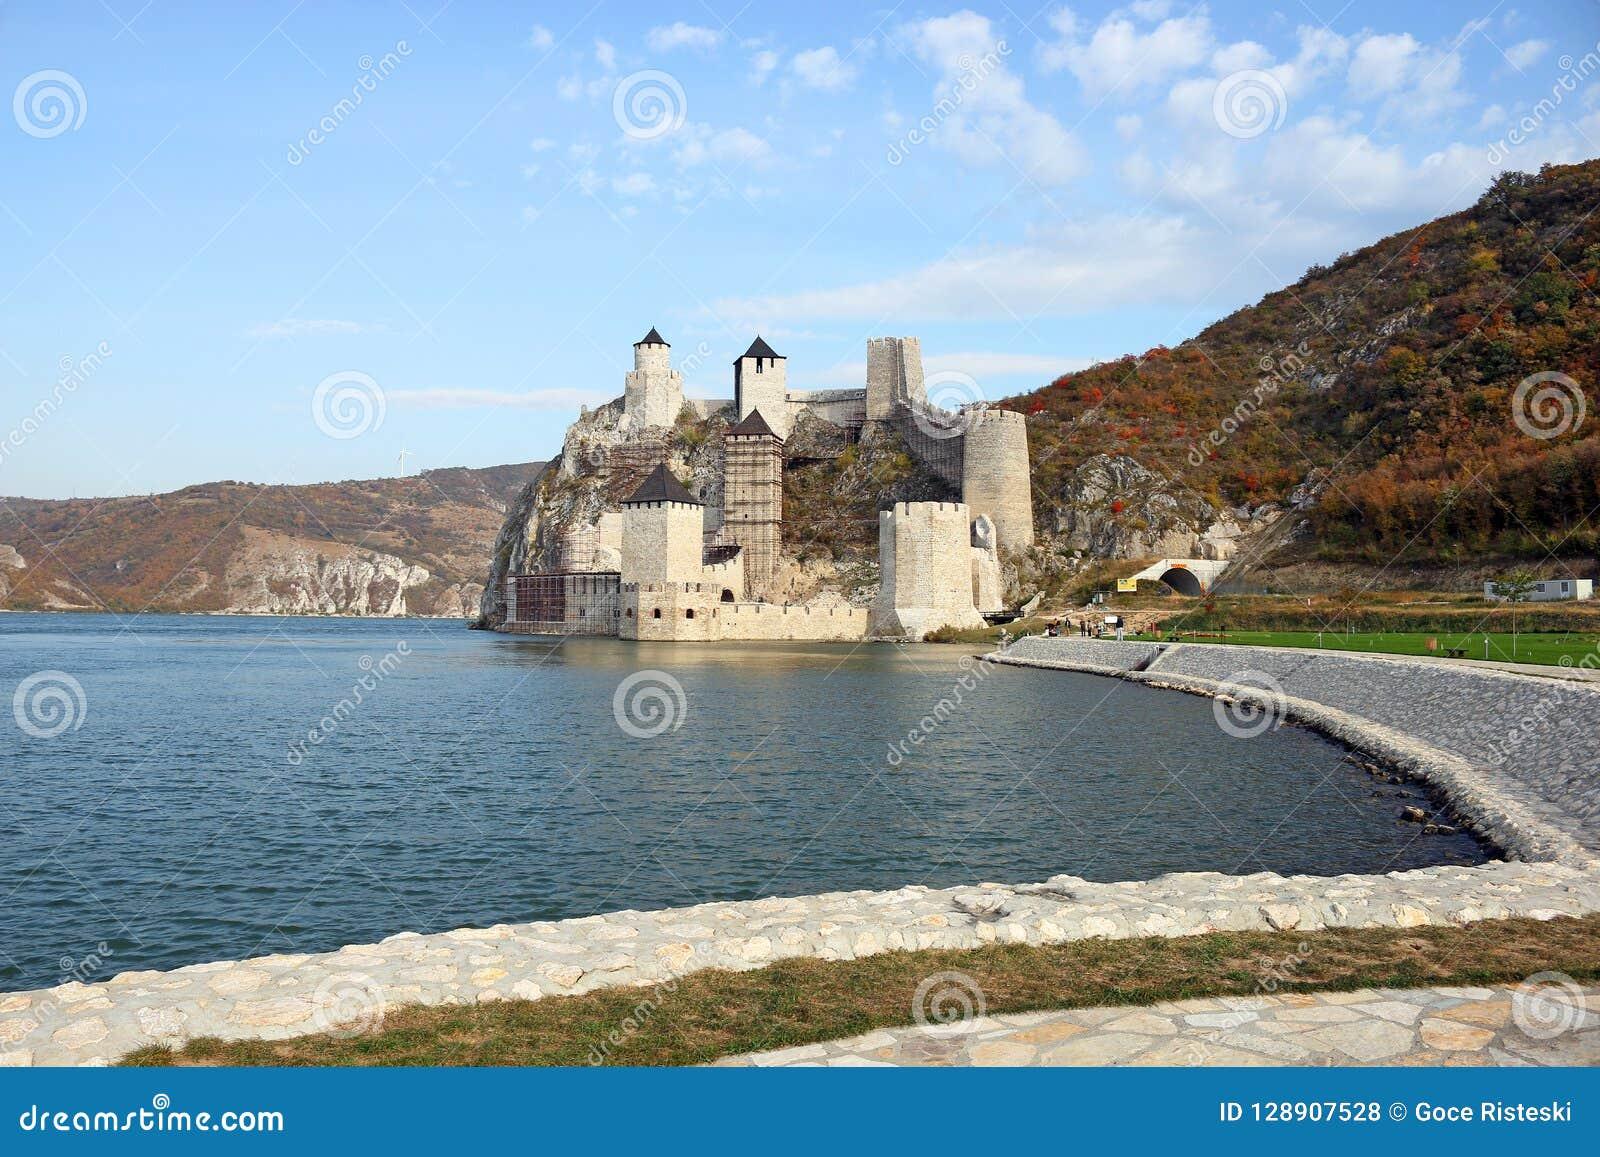 Golubac fästning på den Danube River höstsäsongen